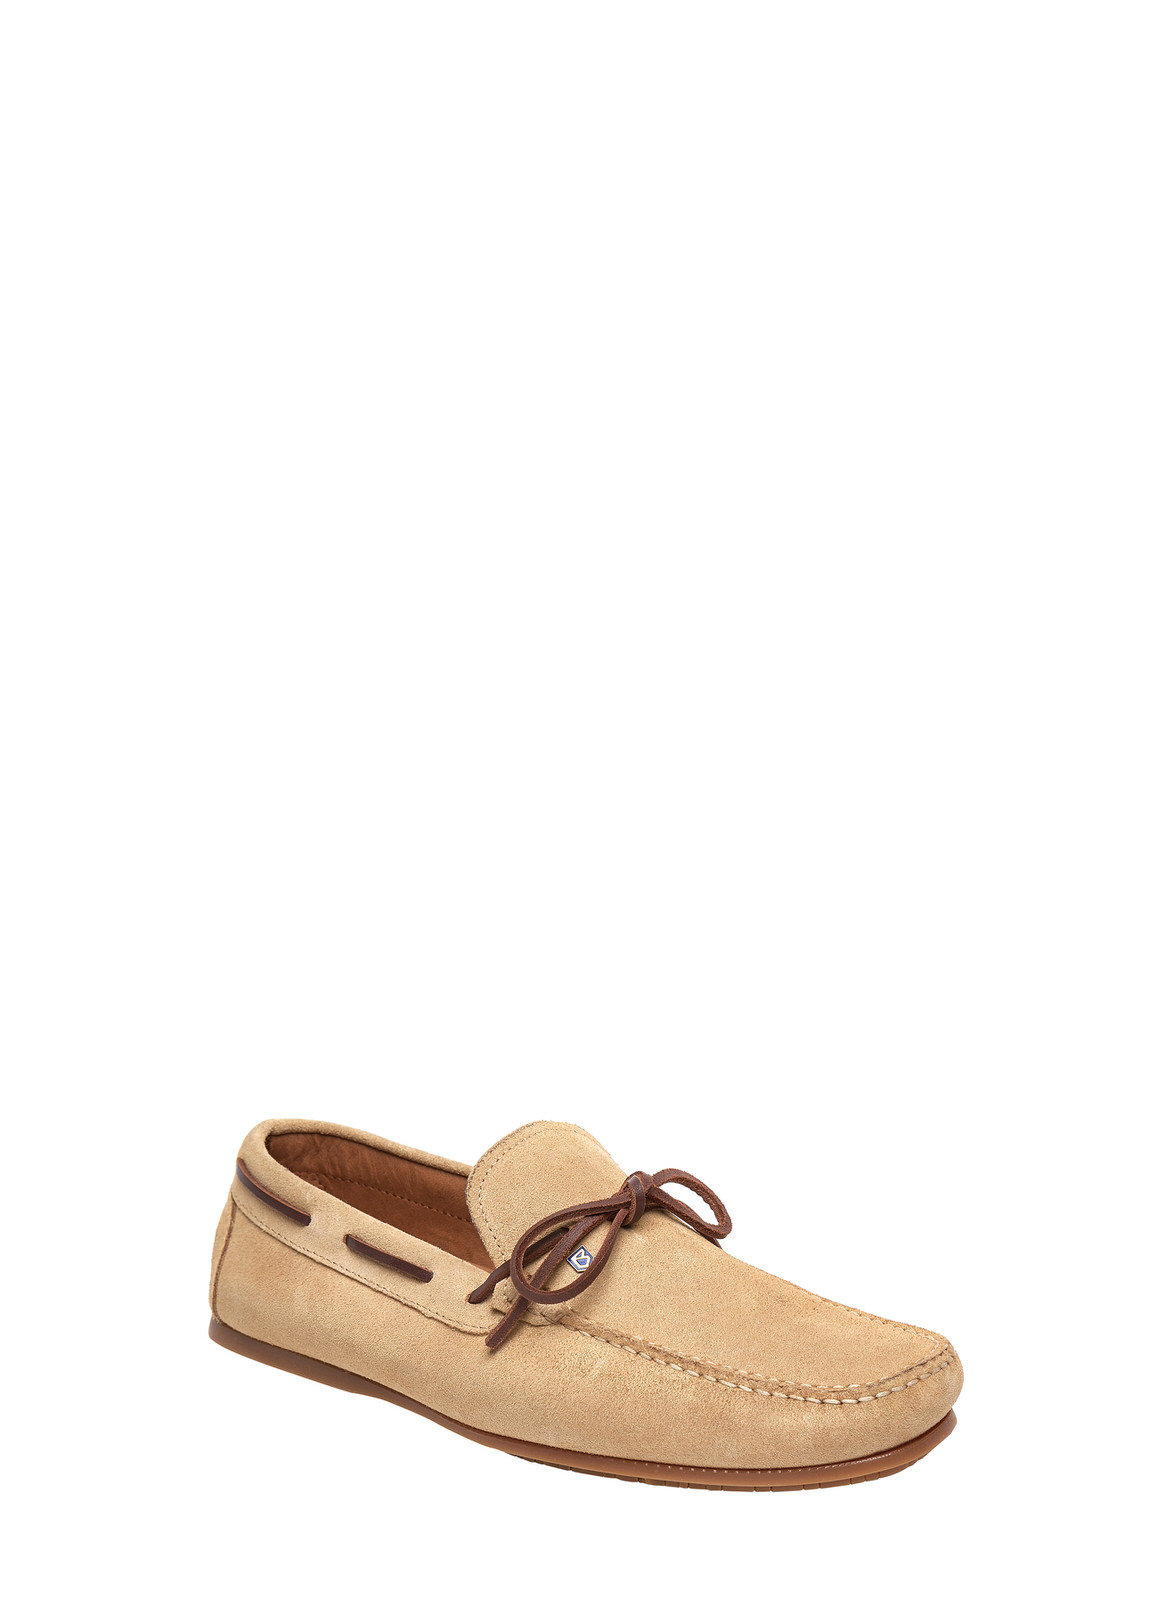 Dubarry_ Corsica Mens Deck Shoe - Beige_Image_1